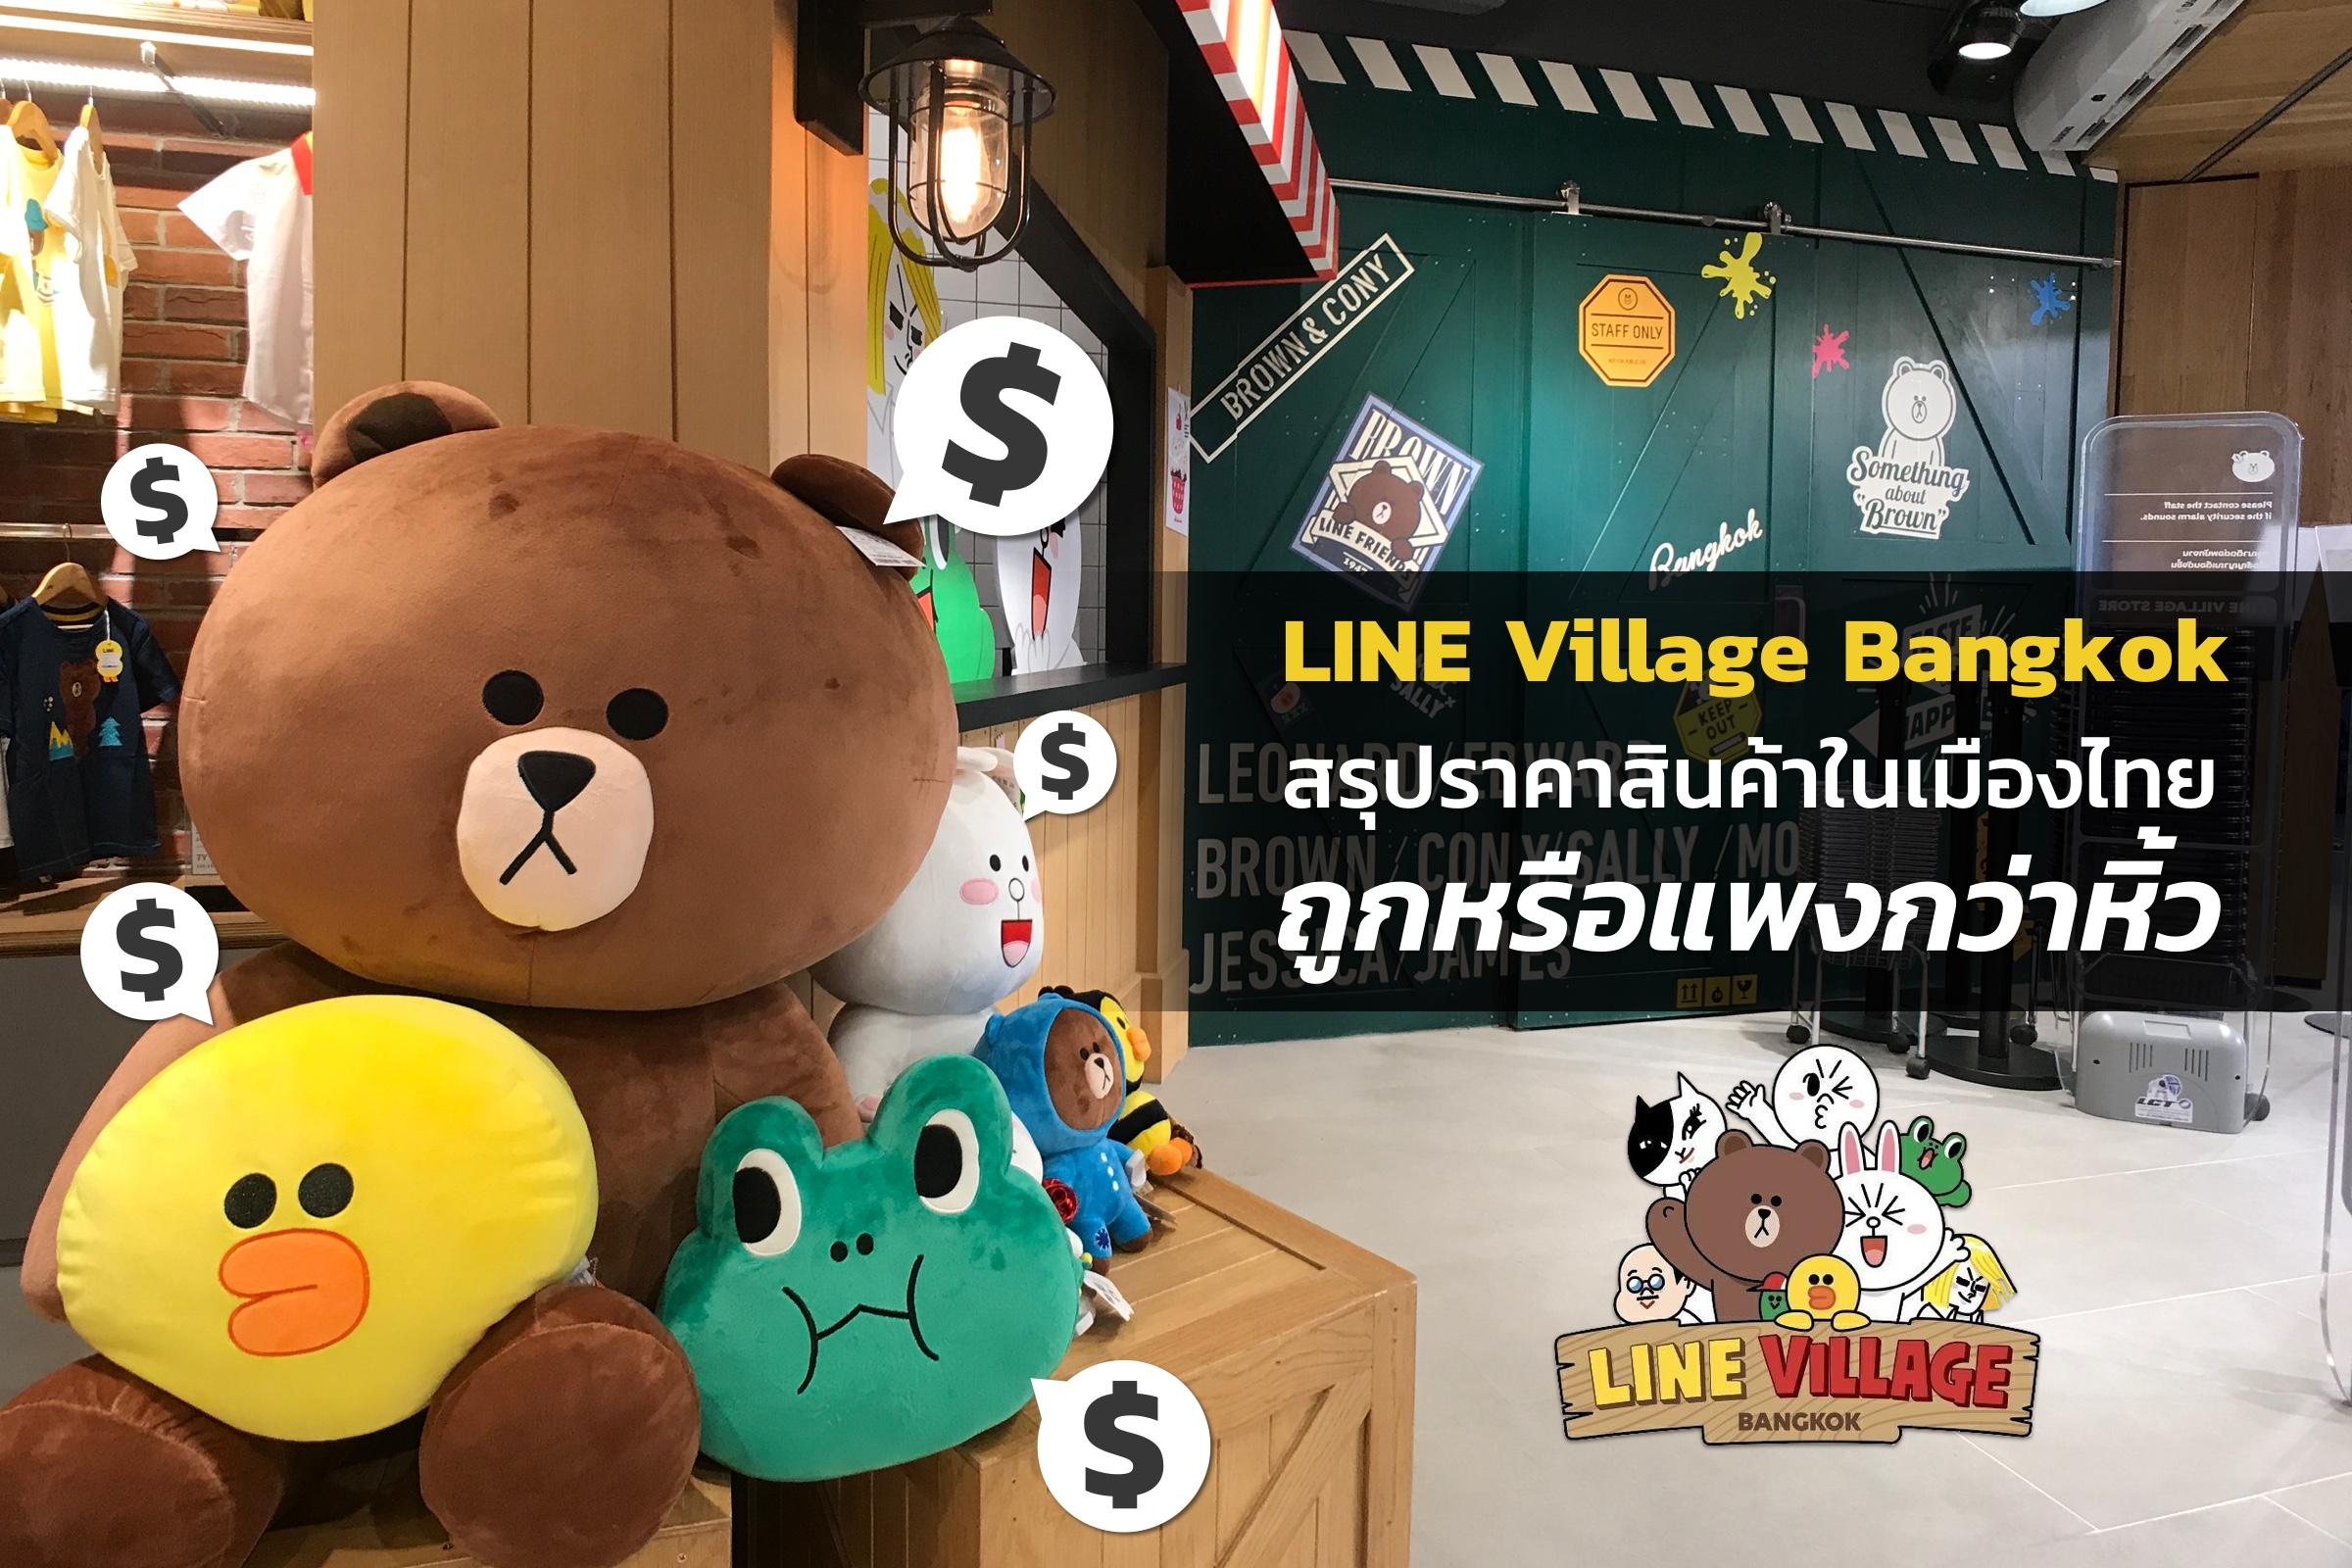 LINE-Village-Bangkok-price